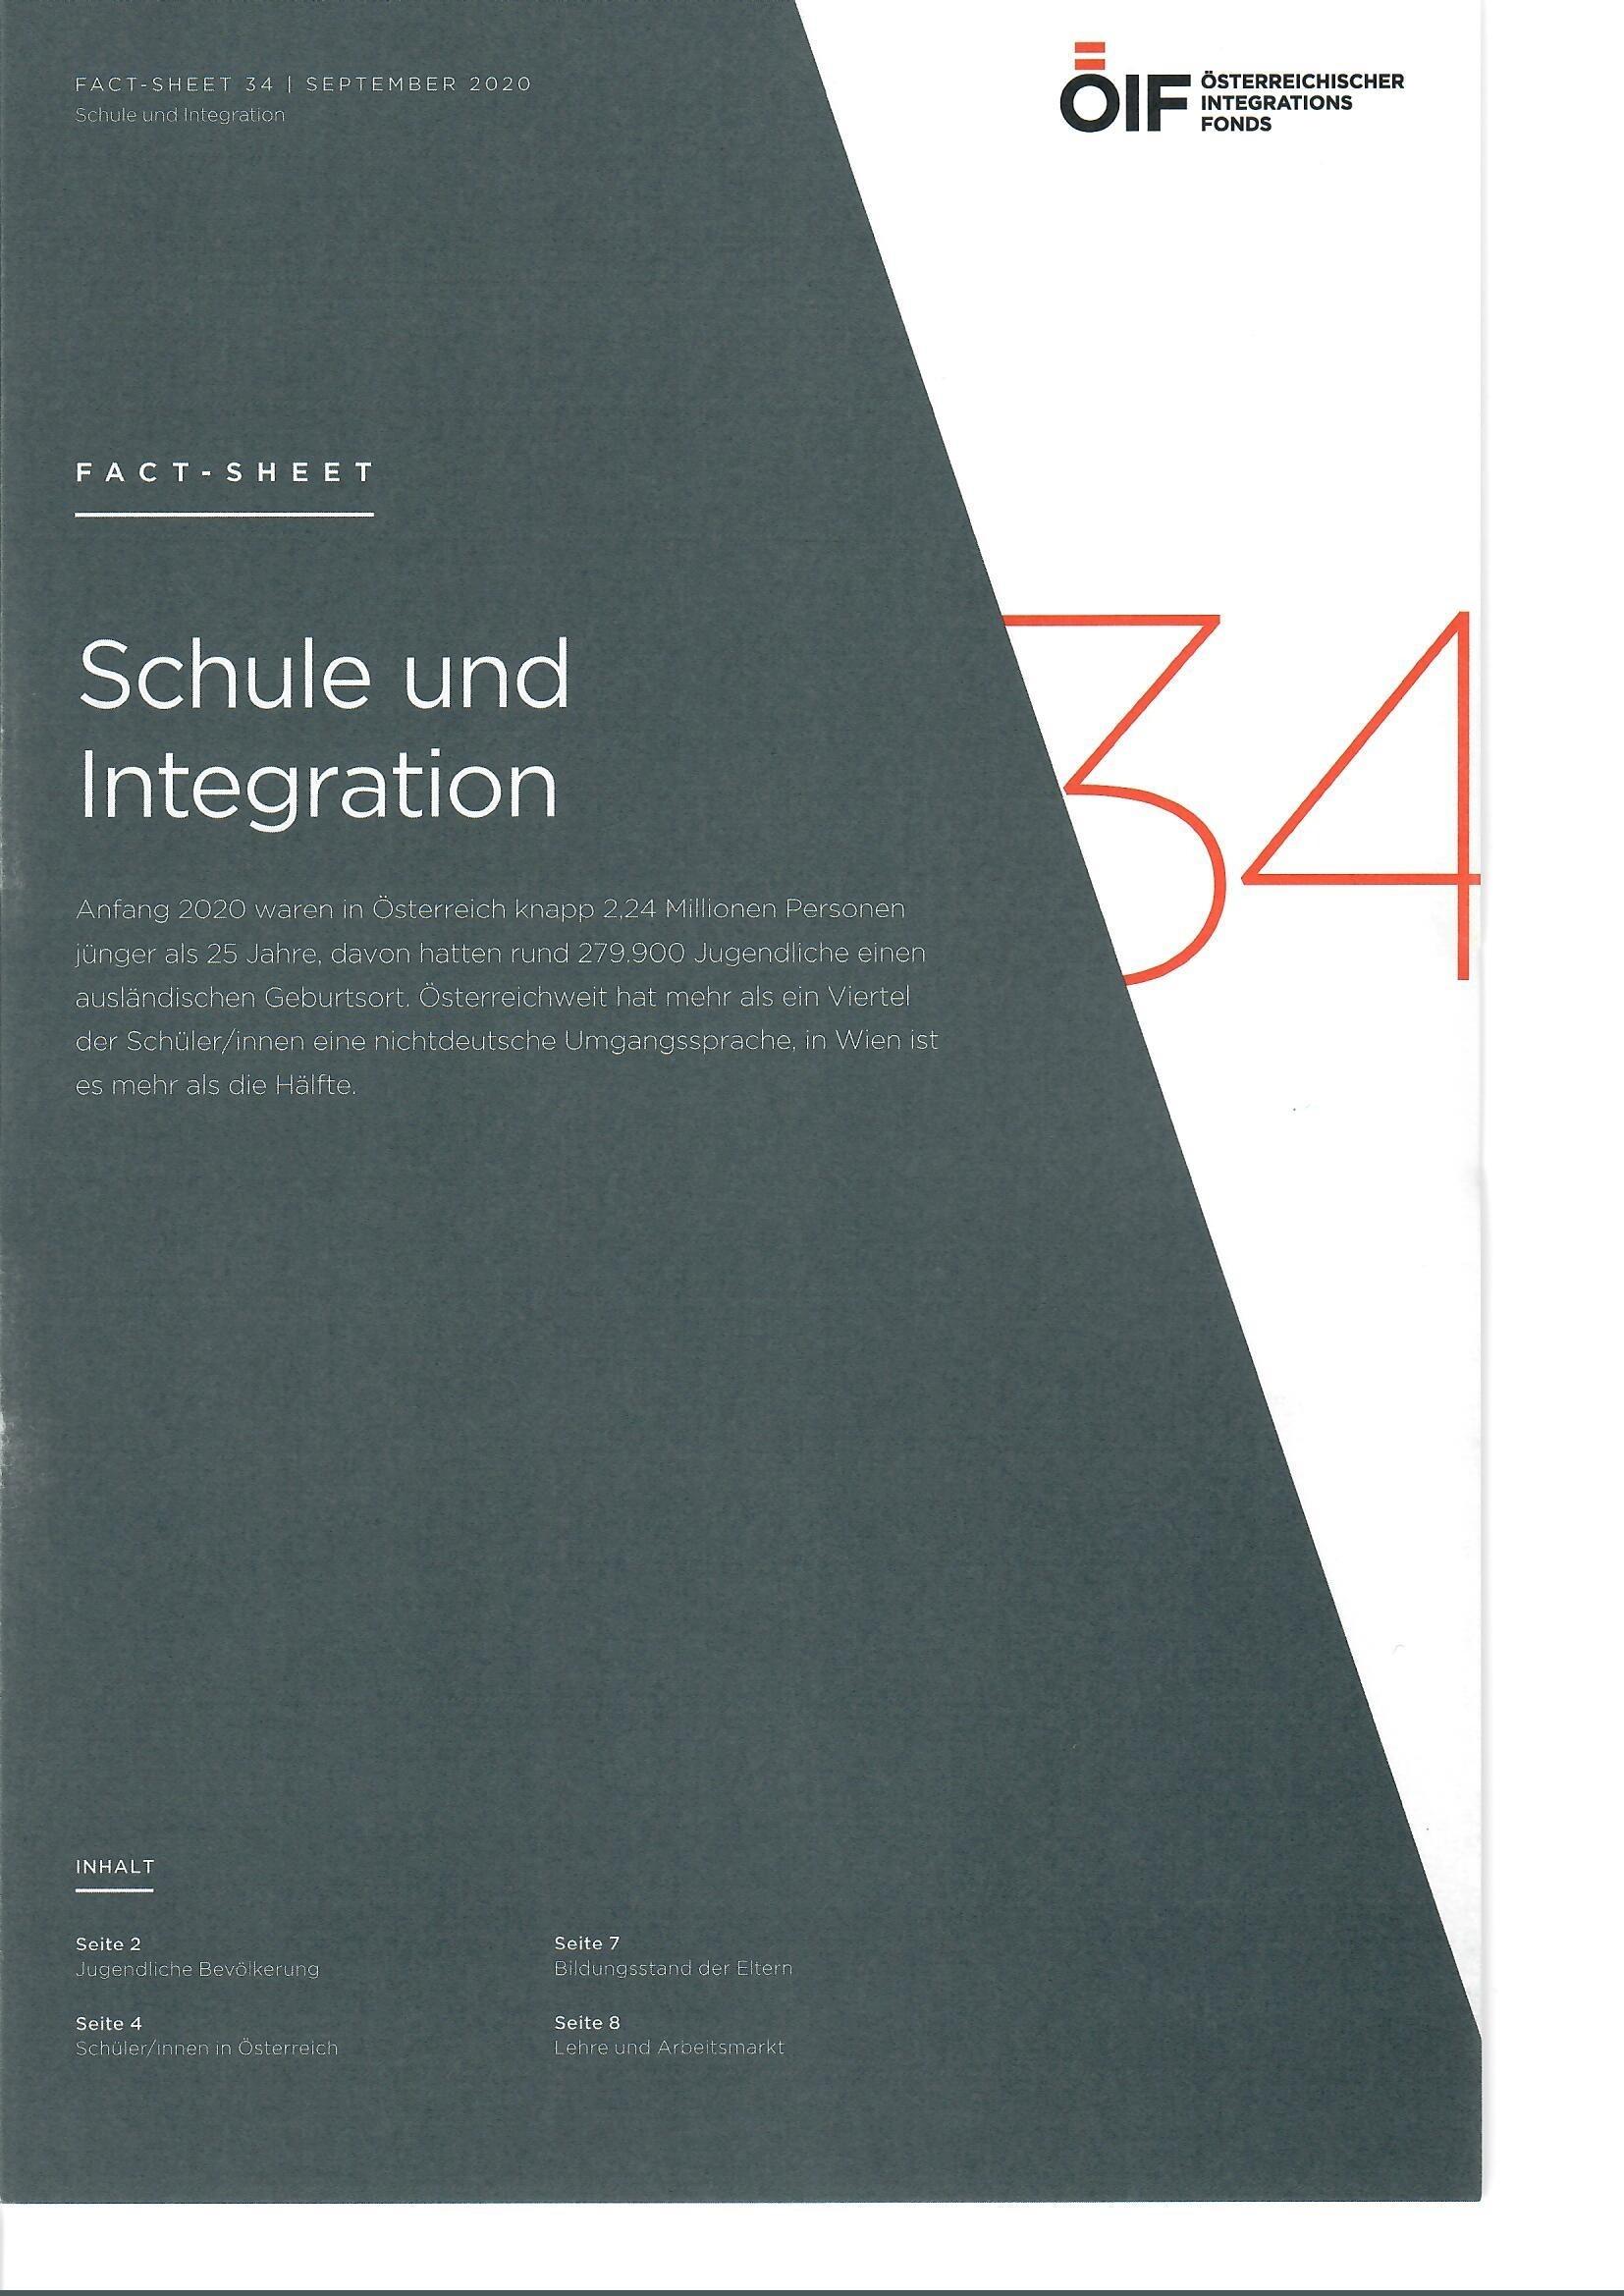 Schule und Integration